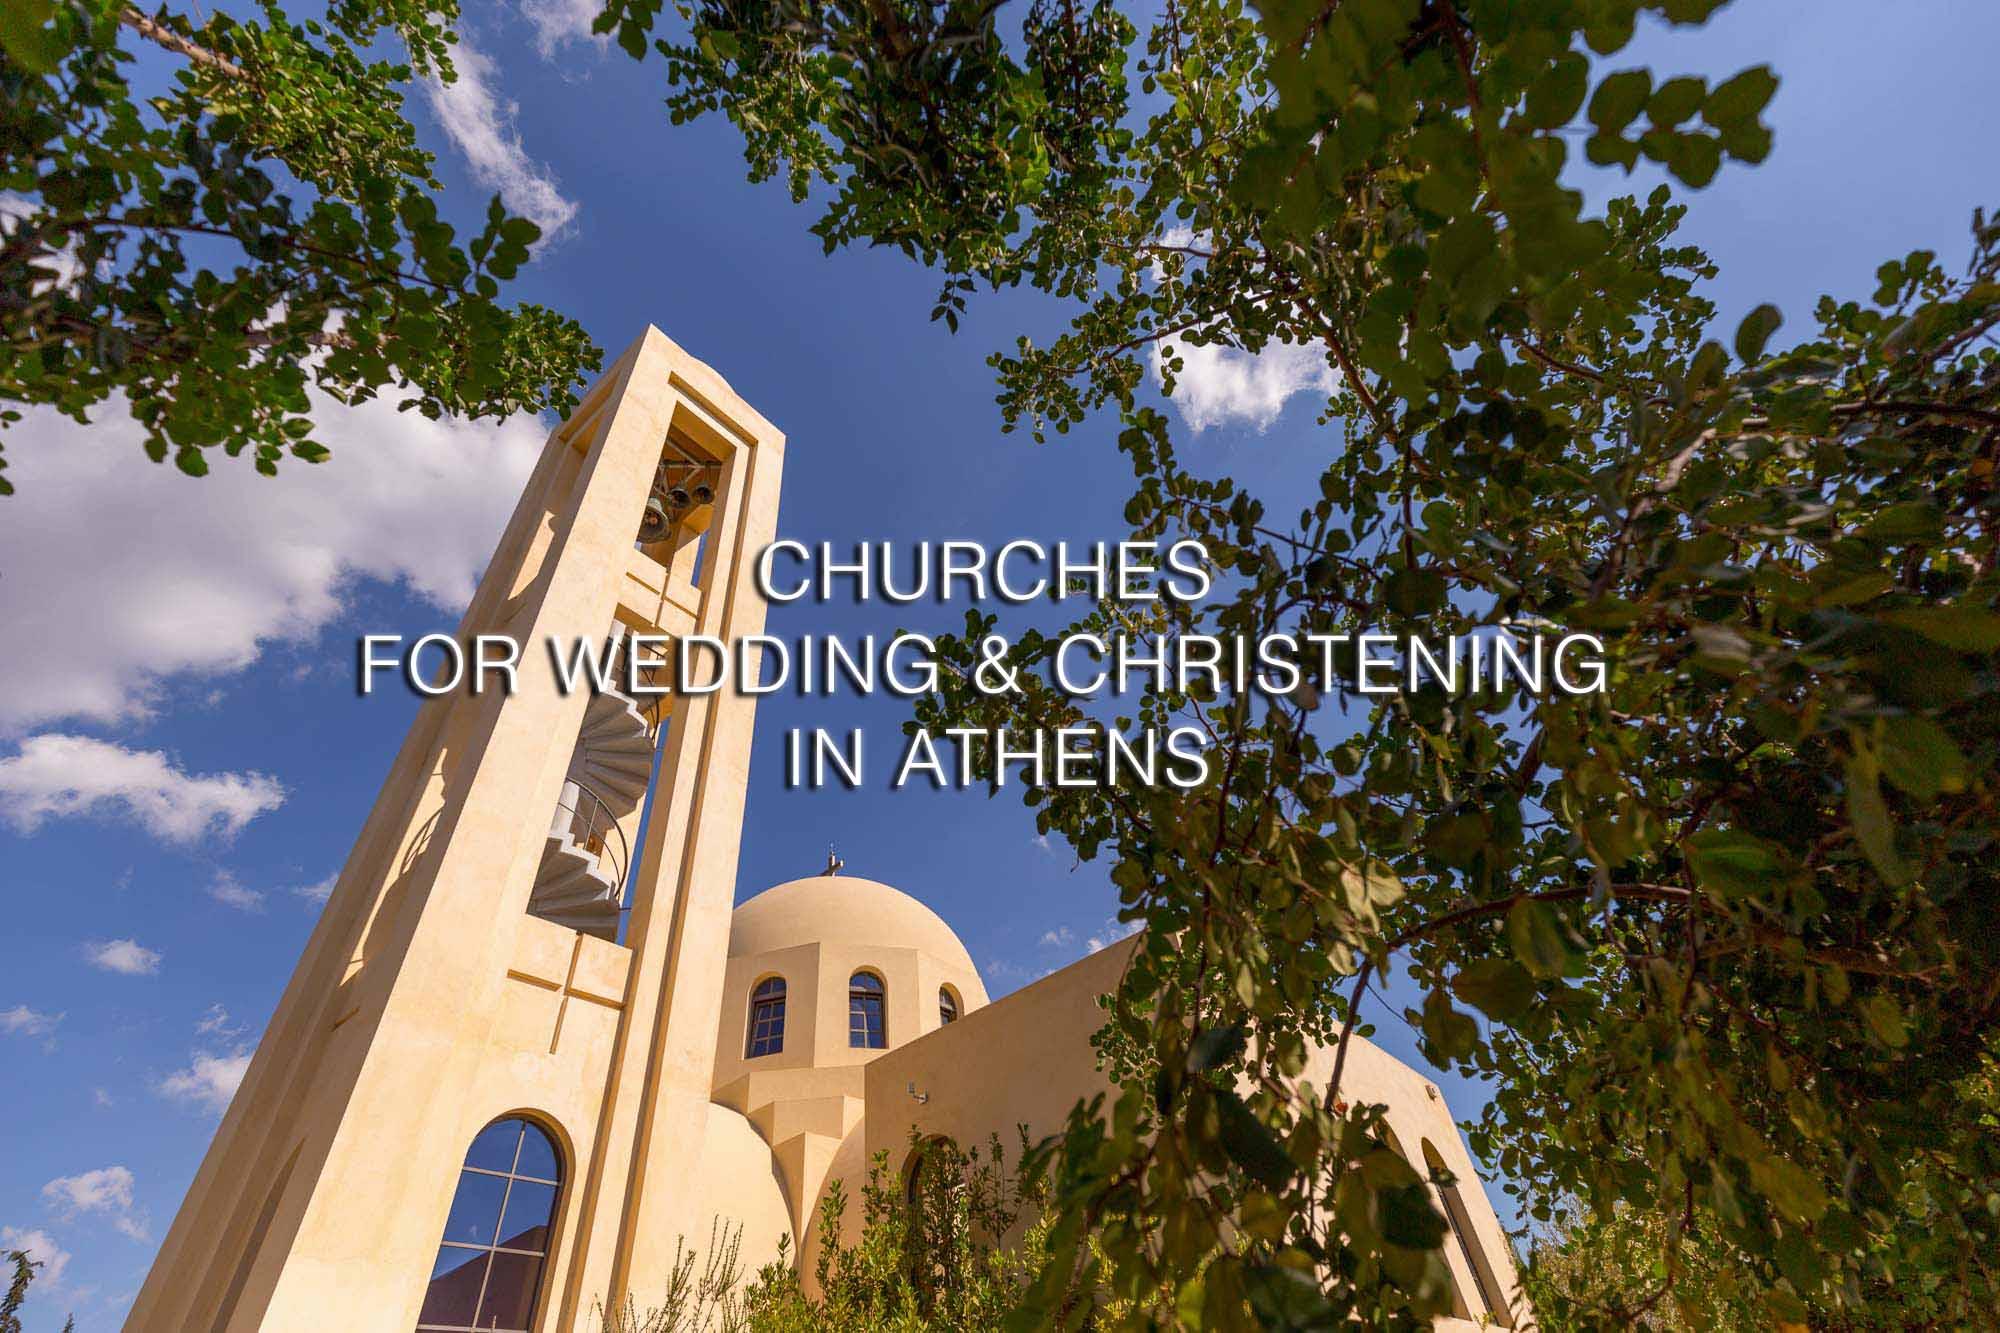 Φωτογράφος Γάμου Εκκλησίες για Γάμου